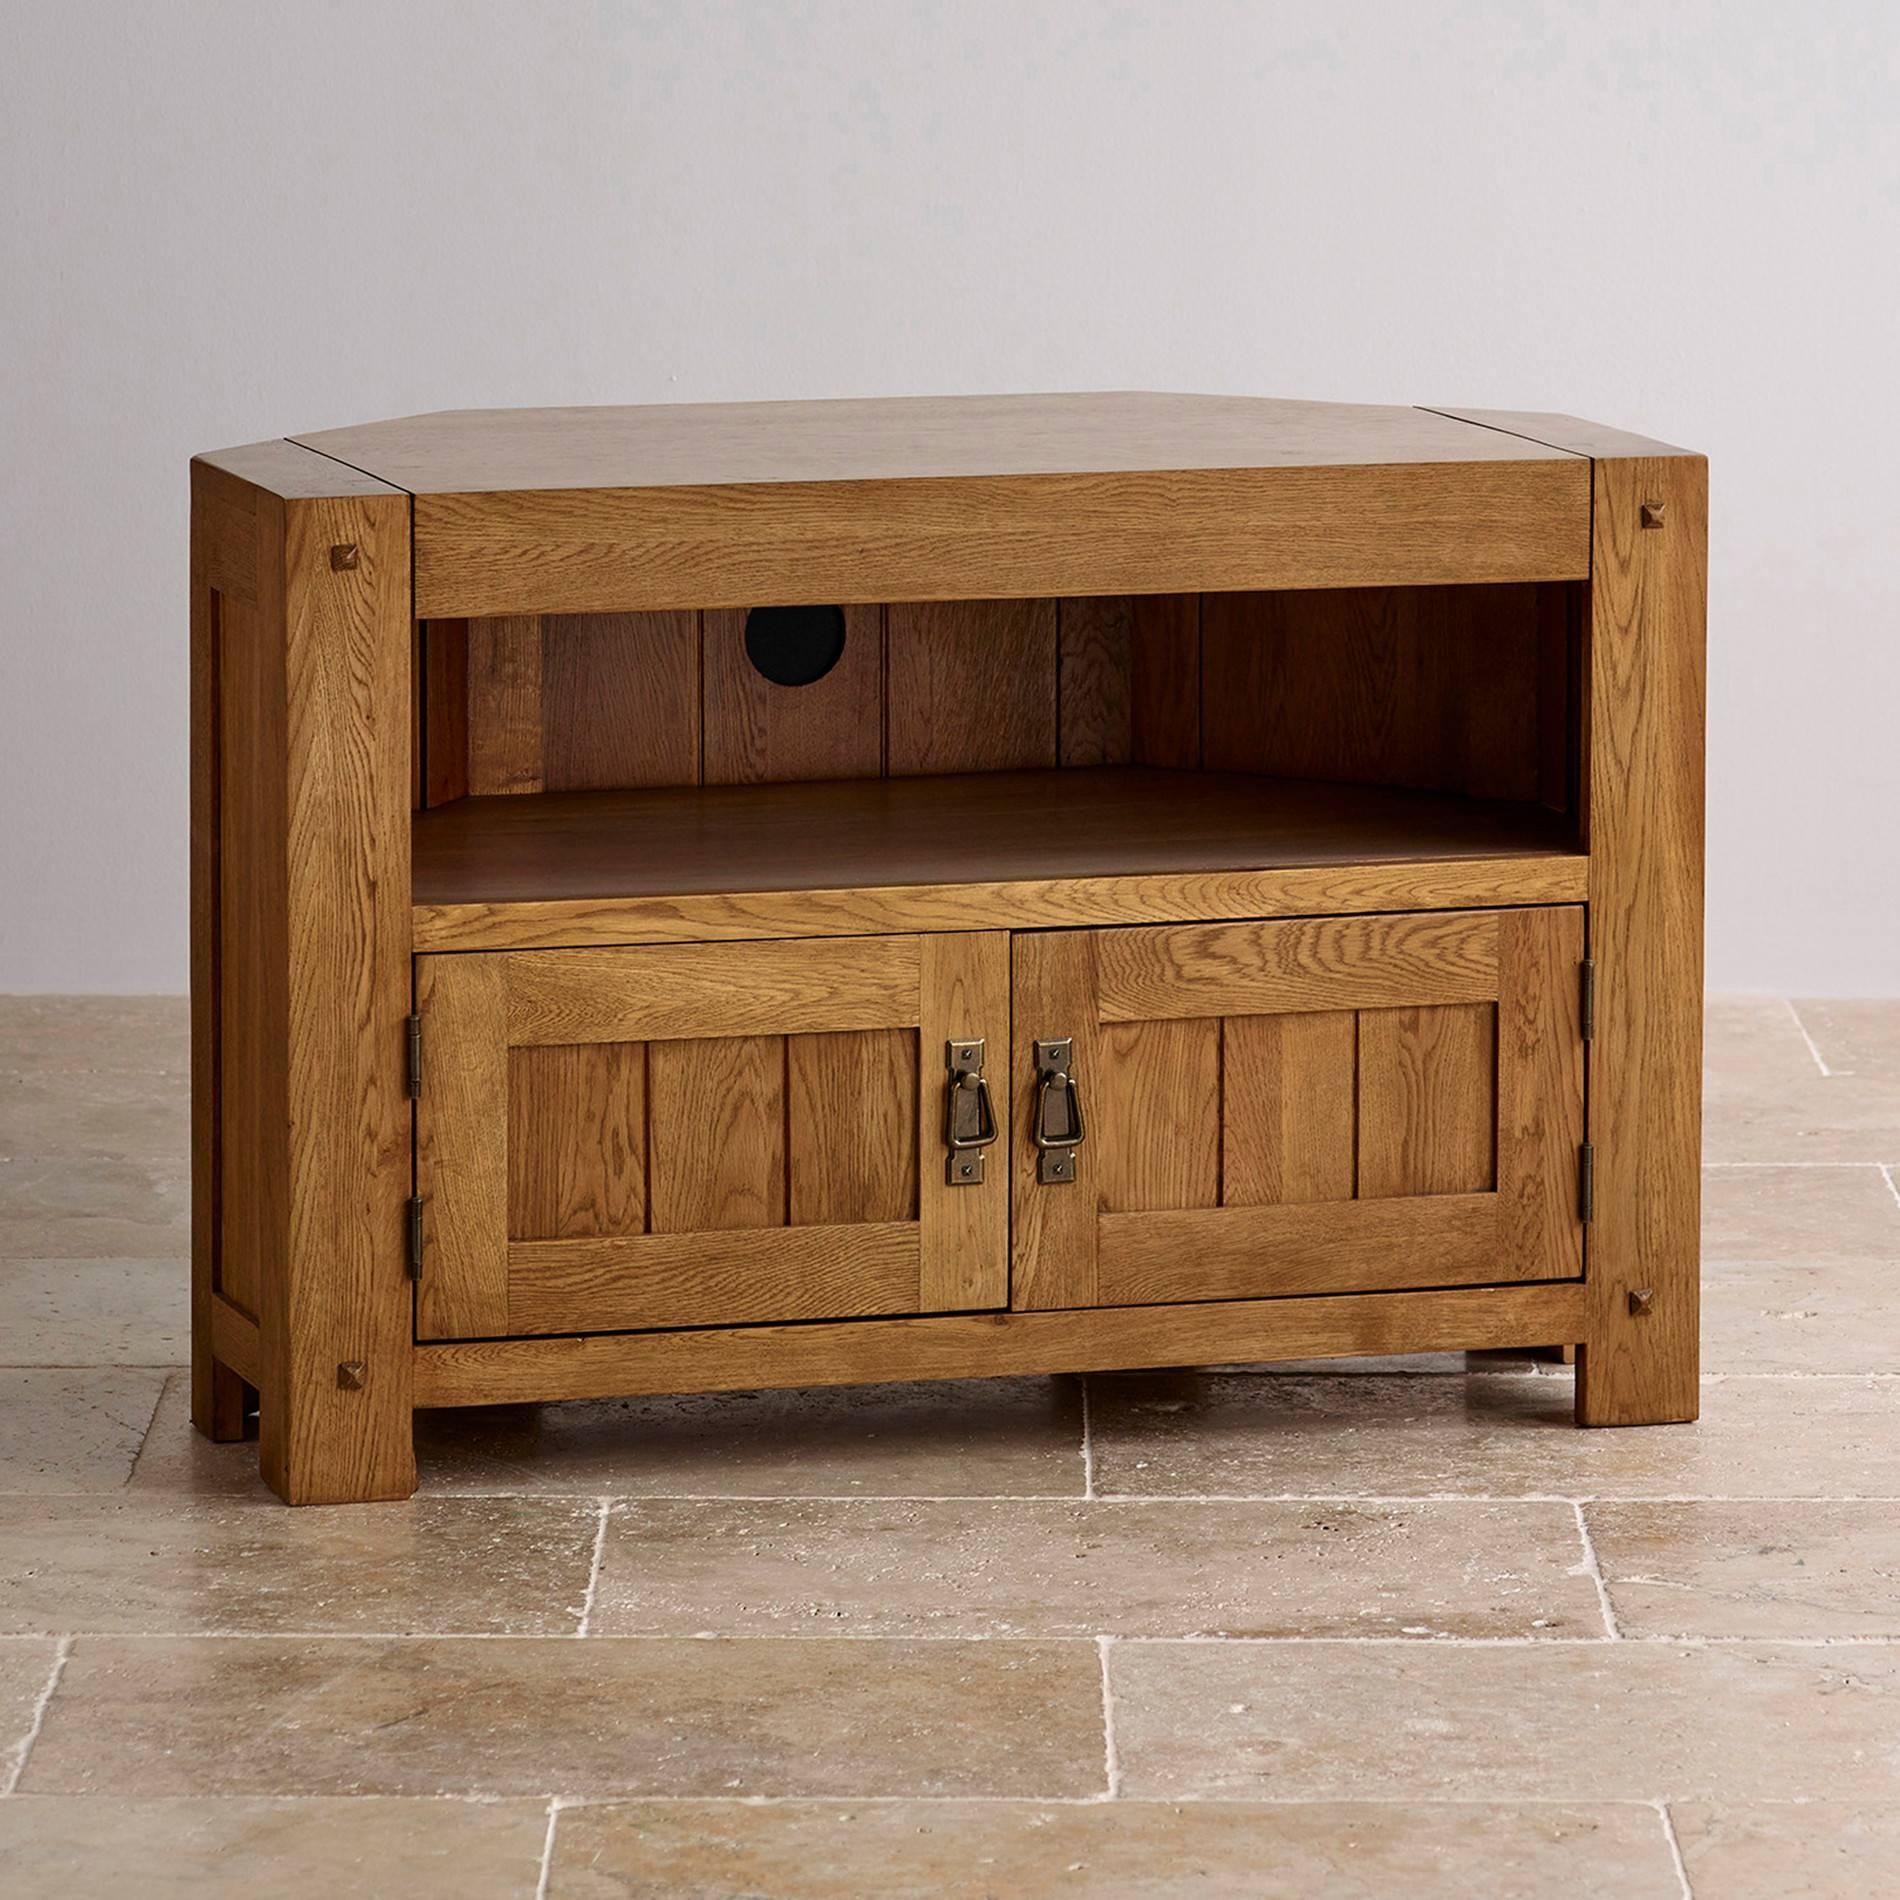 Quercus Corner Tv Cabinet In Rustic Oak | Oak Furniture Land Regarding Corner Oak Tv Stands For Flat Screen (View 5 of 15)